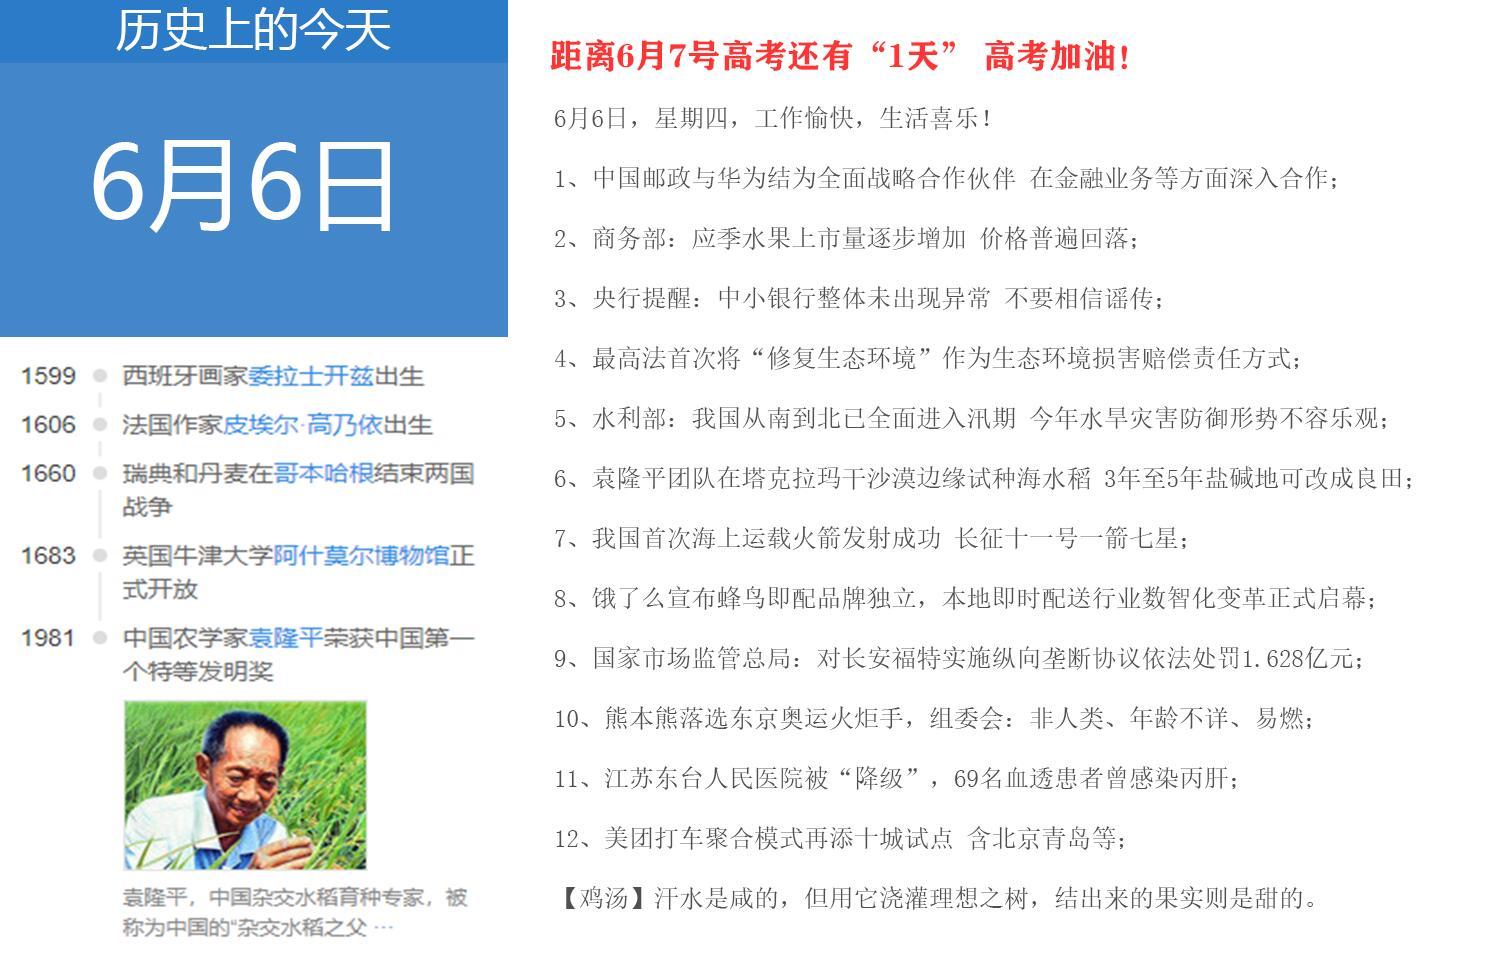 中国邮政与华为结为全面战略合作伙伴在金融业务等方面深入合作 了解当前世界发展做一个有文化的萌乡绅士